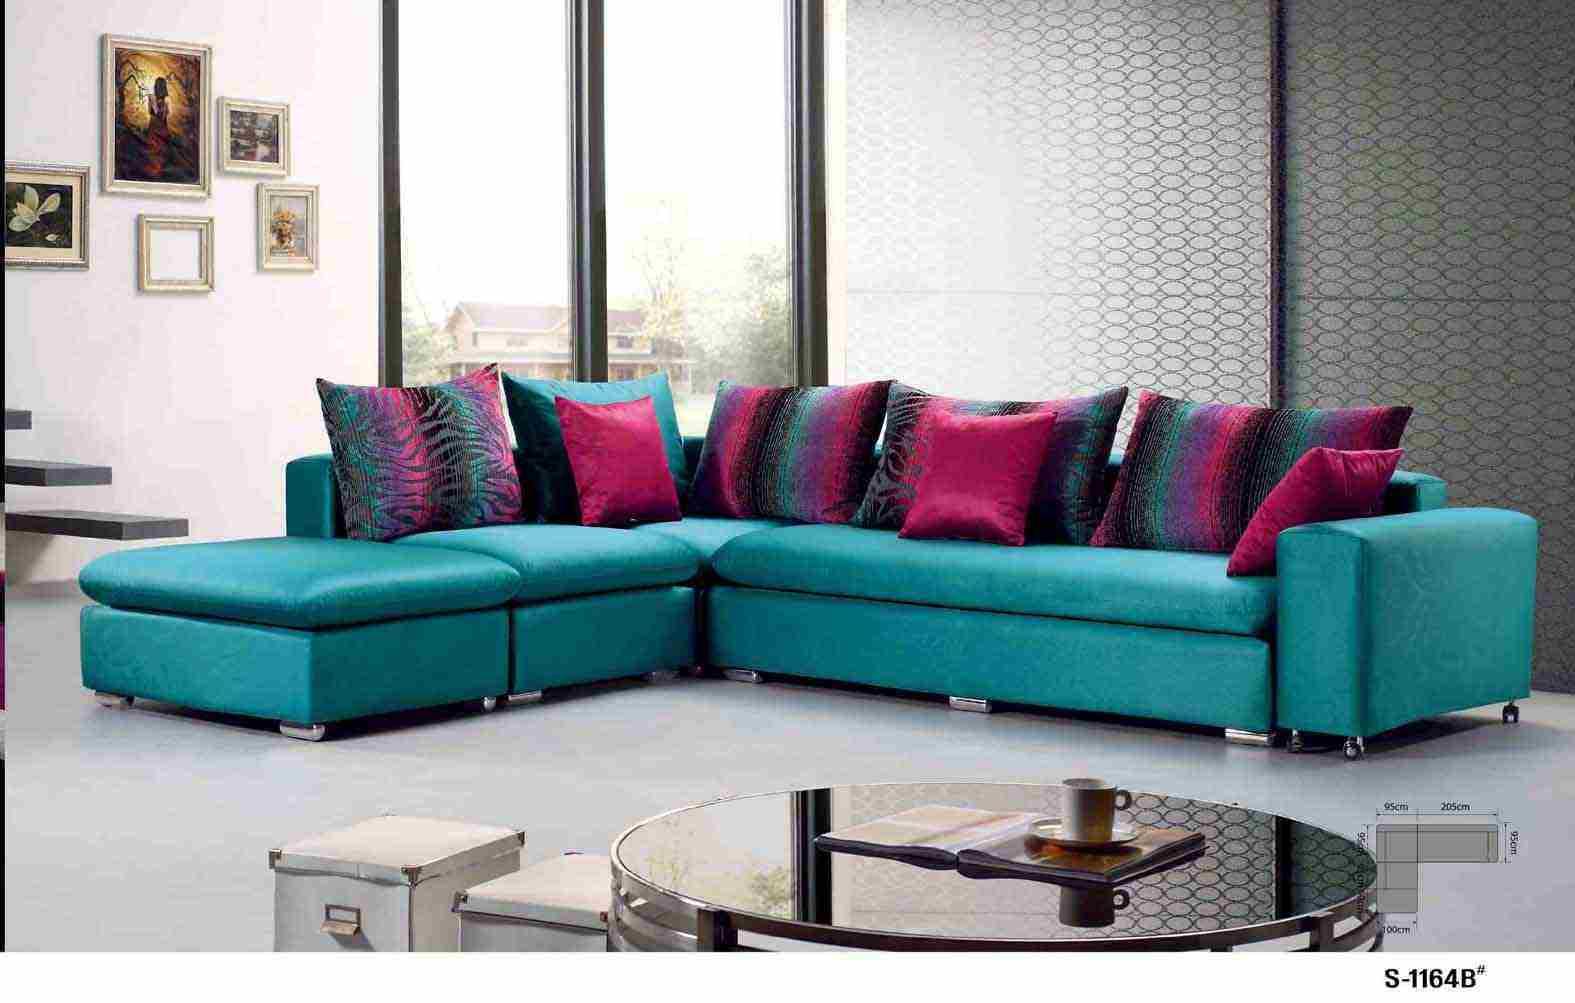 China Colorful Fabric Sofa S 1164b China Sofa Fabric Sofa